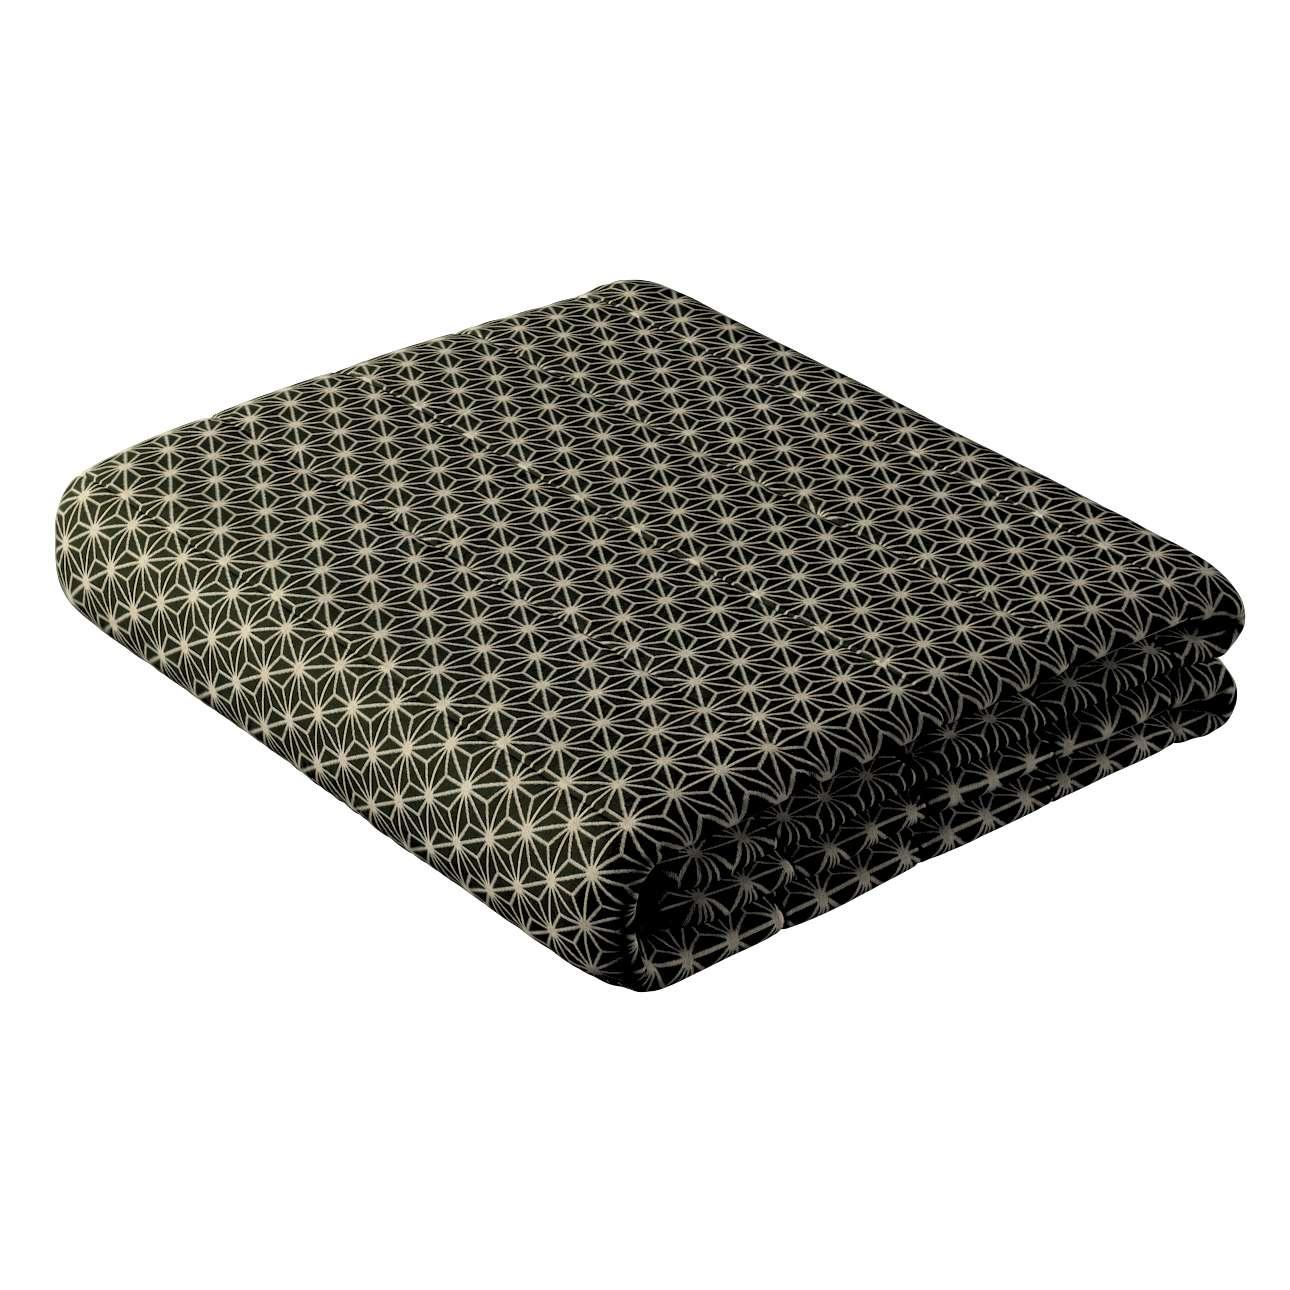 Prehoz  s pozdĺžným prešívaním V kolekcii Black & White, tkanina: 142-56